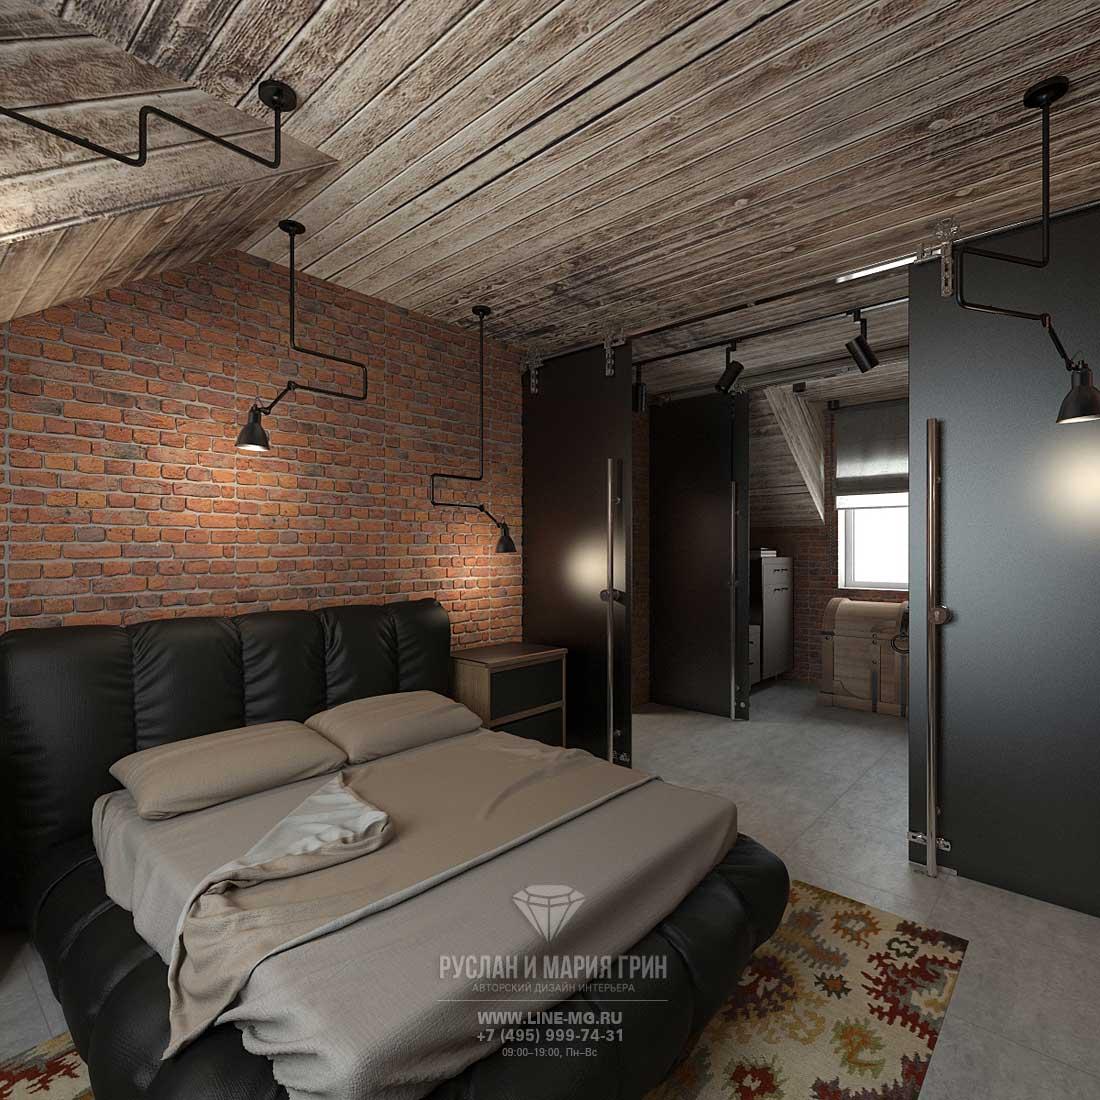 Дизайнерский ремонт спальни под ключ в стиле лофт. Фото интерьера